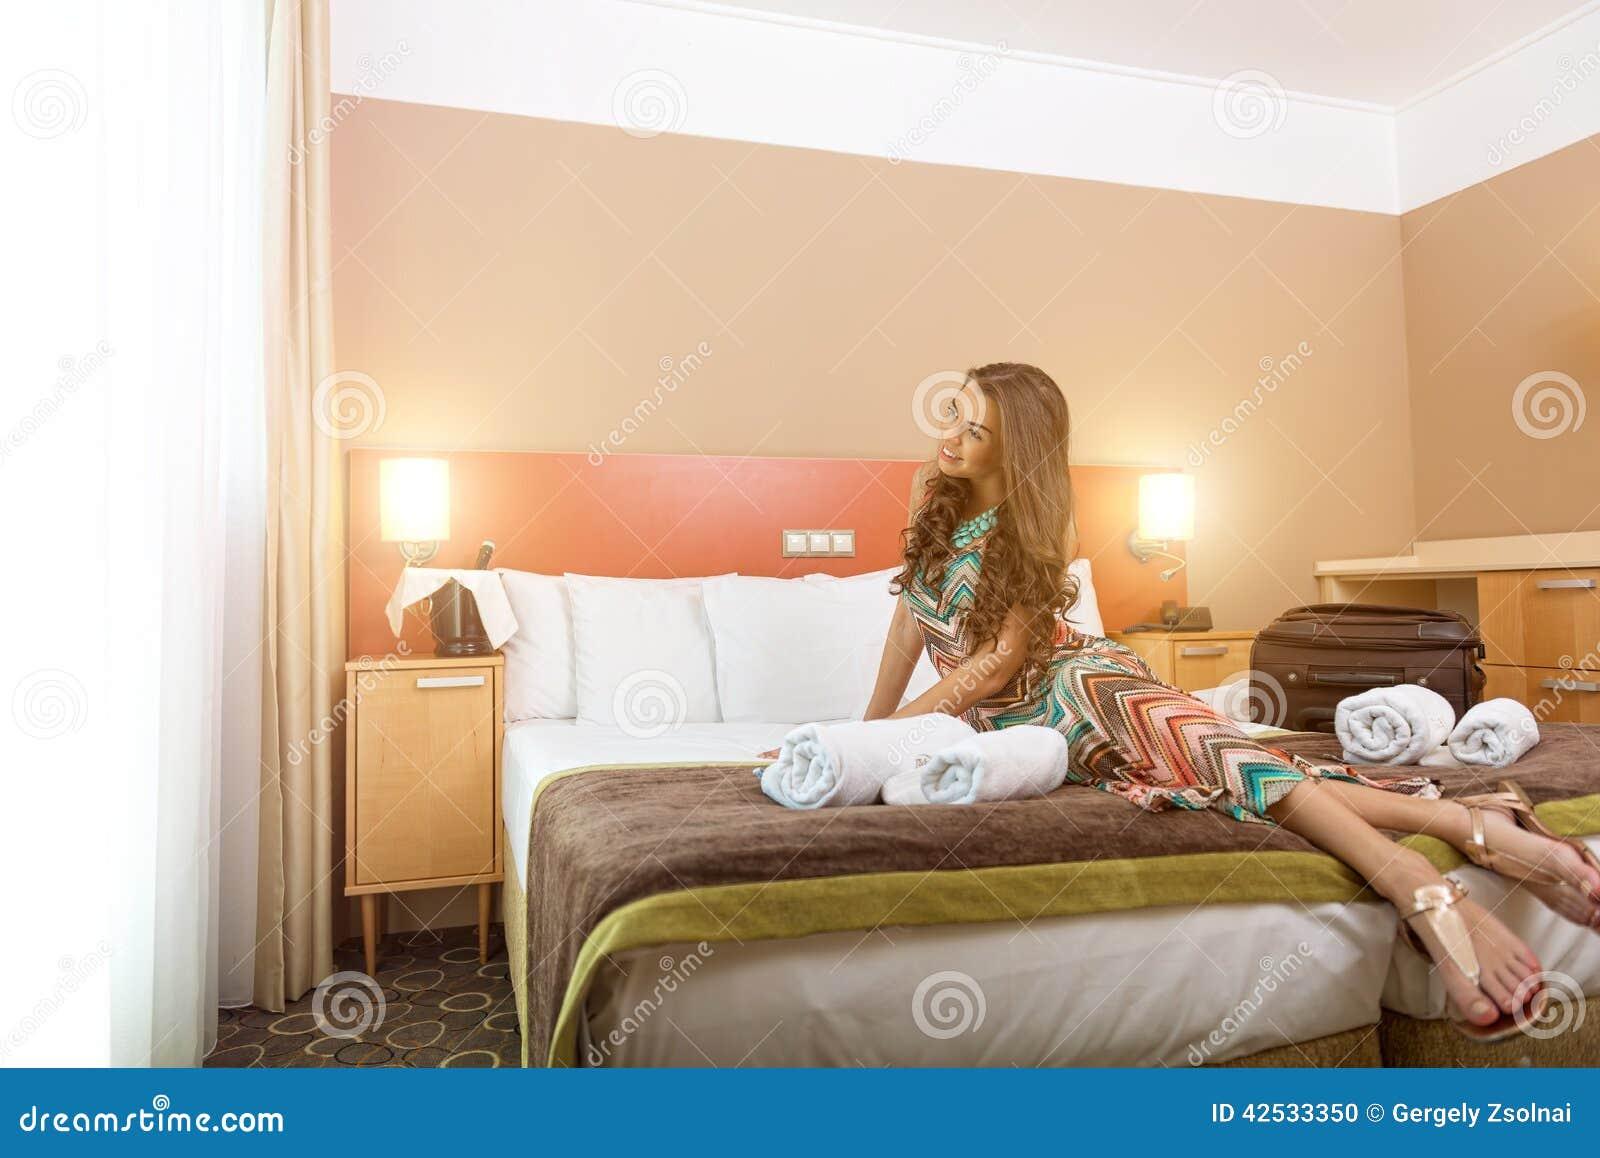 Jeune femme s 39 asseyant dans le lit d 39 une chambre d 39 h tel for Chambre 13 dans les hotels